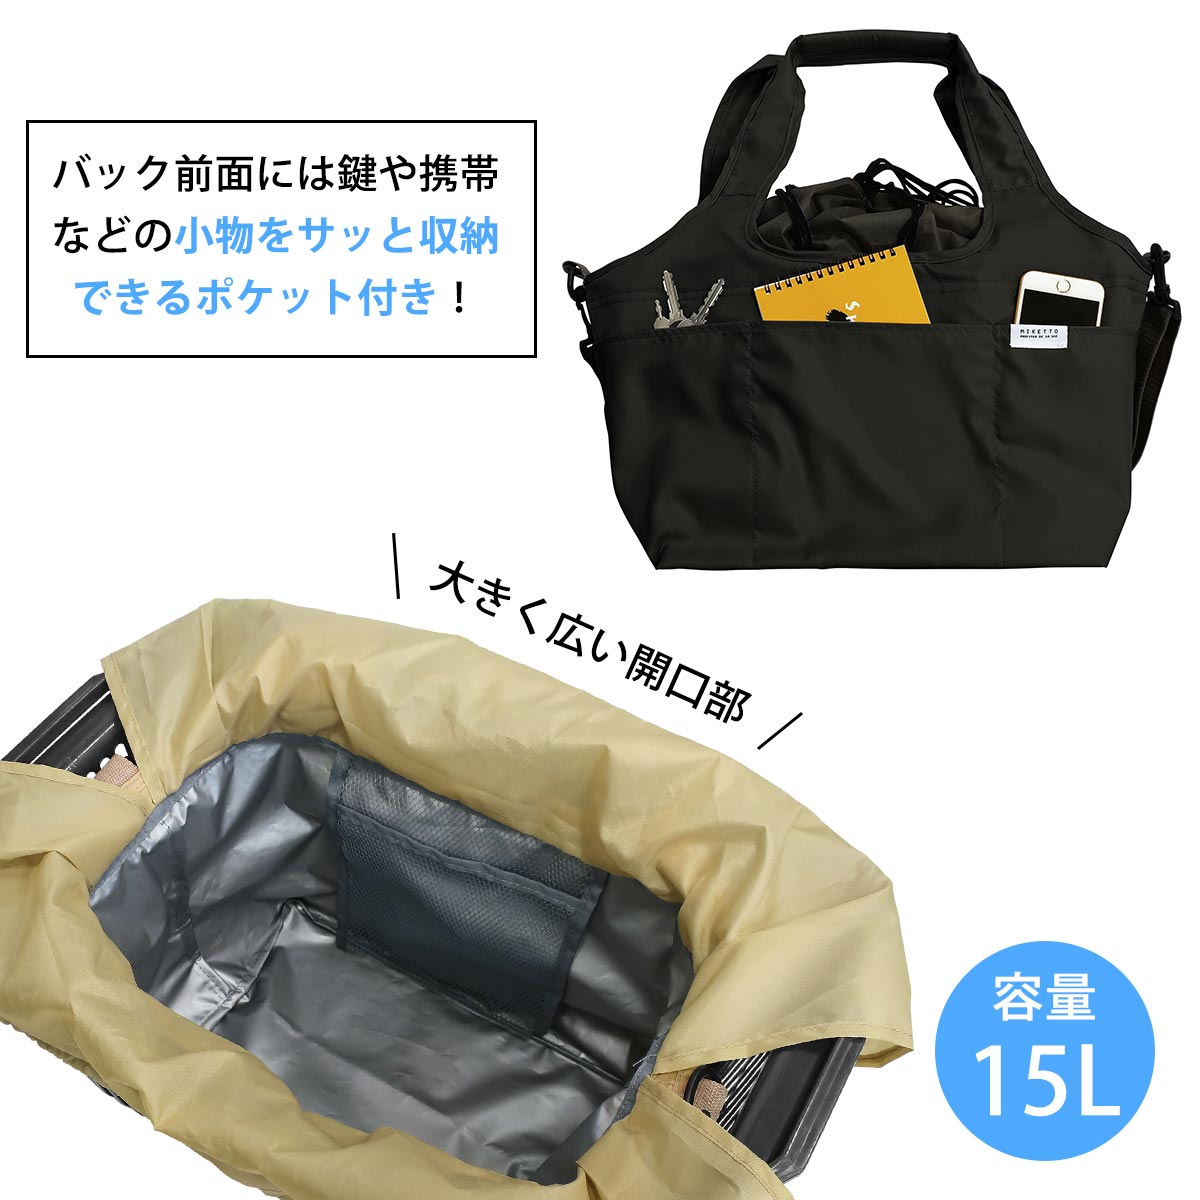 バッグ前面には鍵や携帯などの小物をサッと収納できるポケット付き!